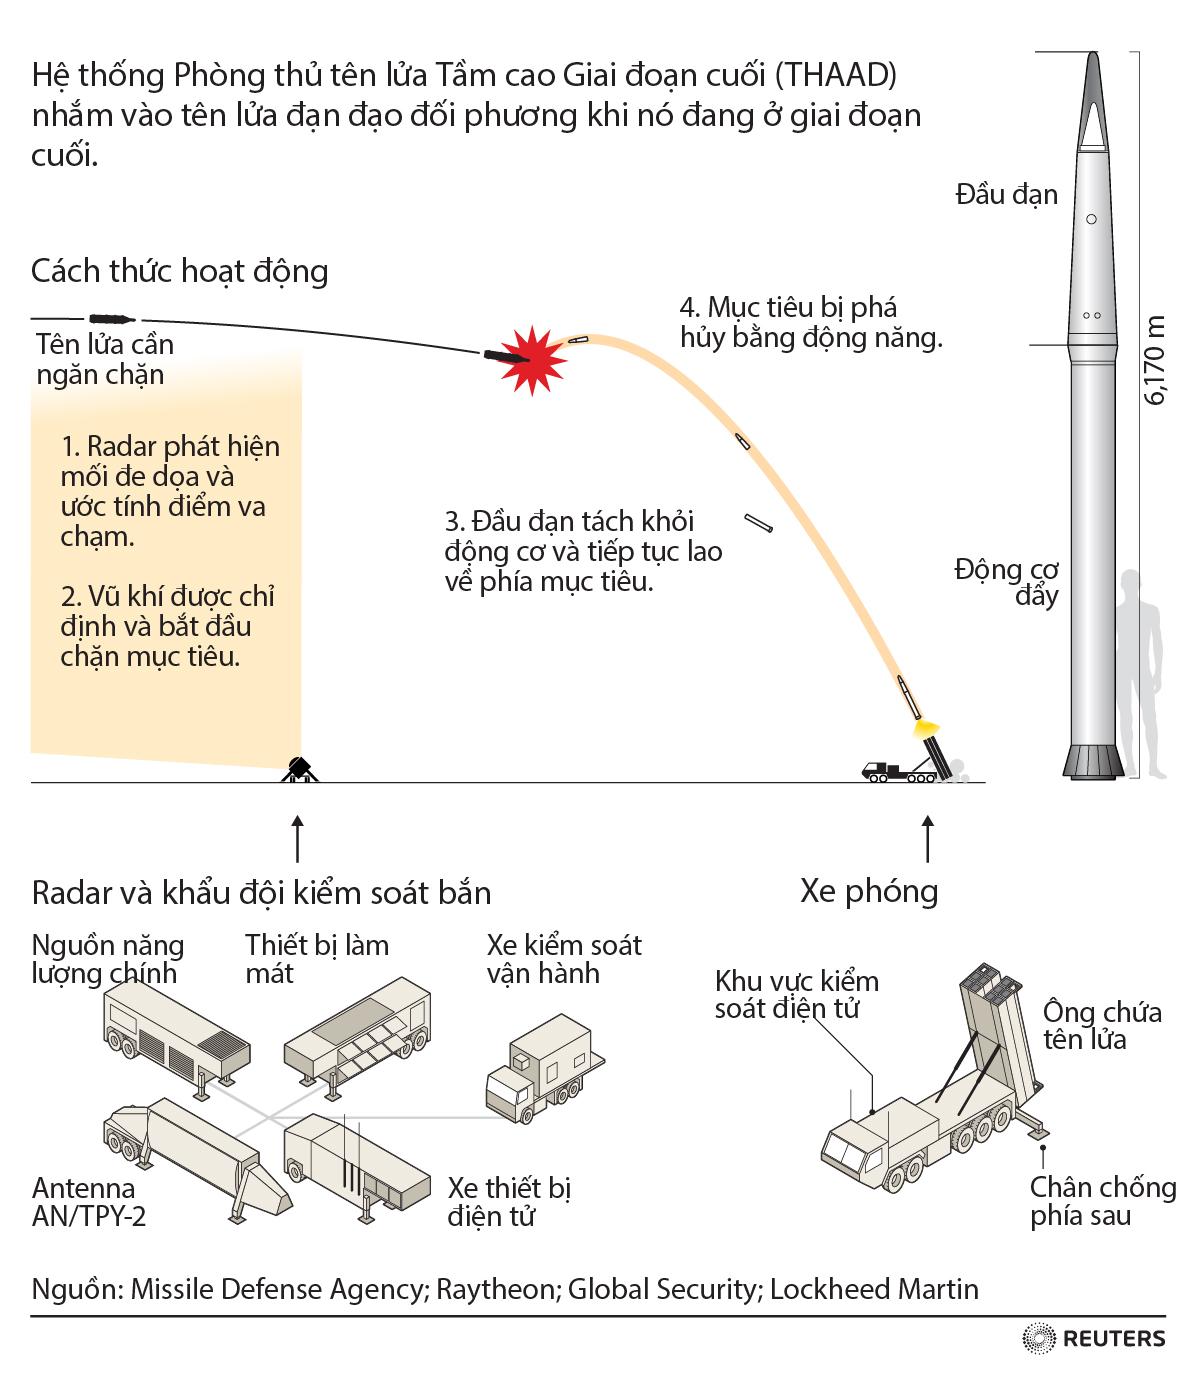 Hệ thống phòng thủ tên lửa THAAD hoạt động như thế nào